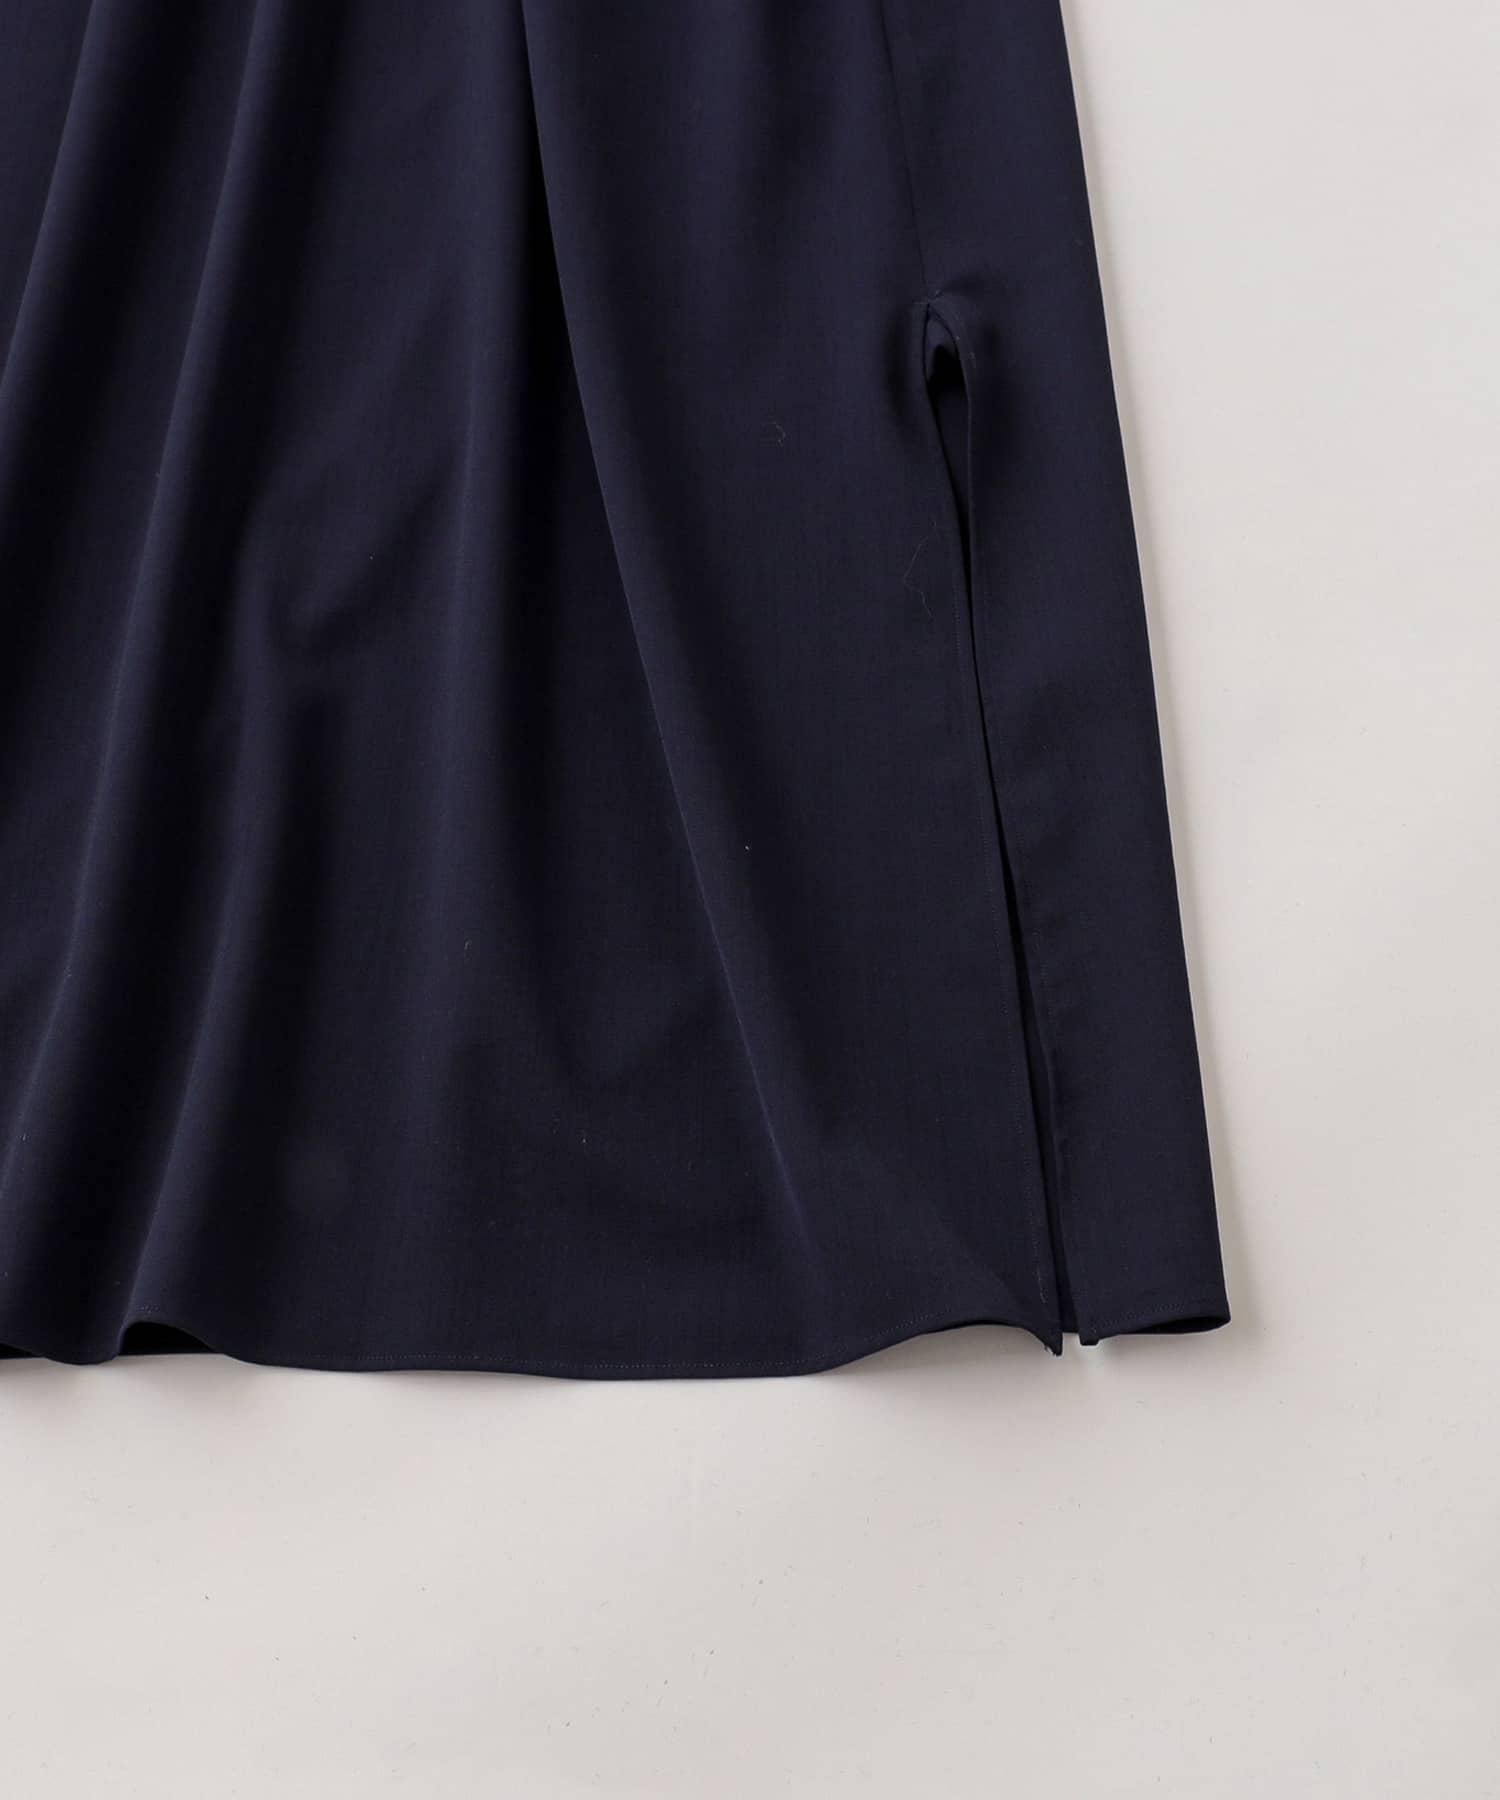 BLOOM&BRANCH(ブルームアンドブランチ) UNION LAUNCH / Gabardine Dress